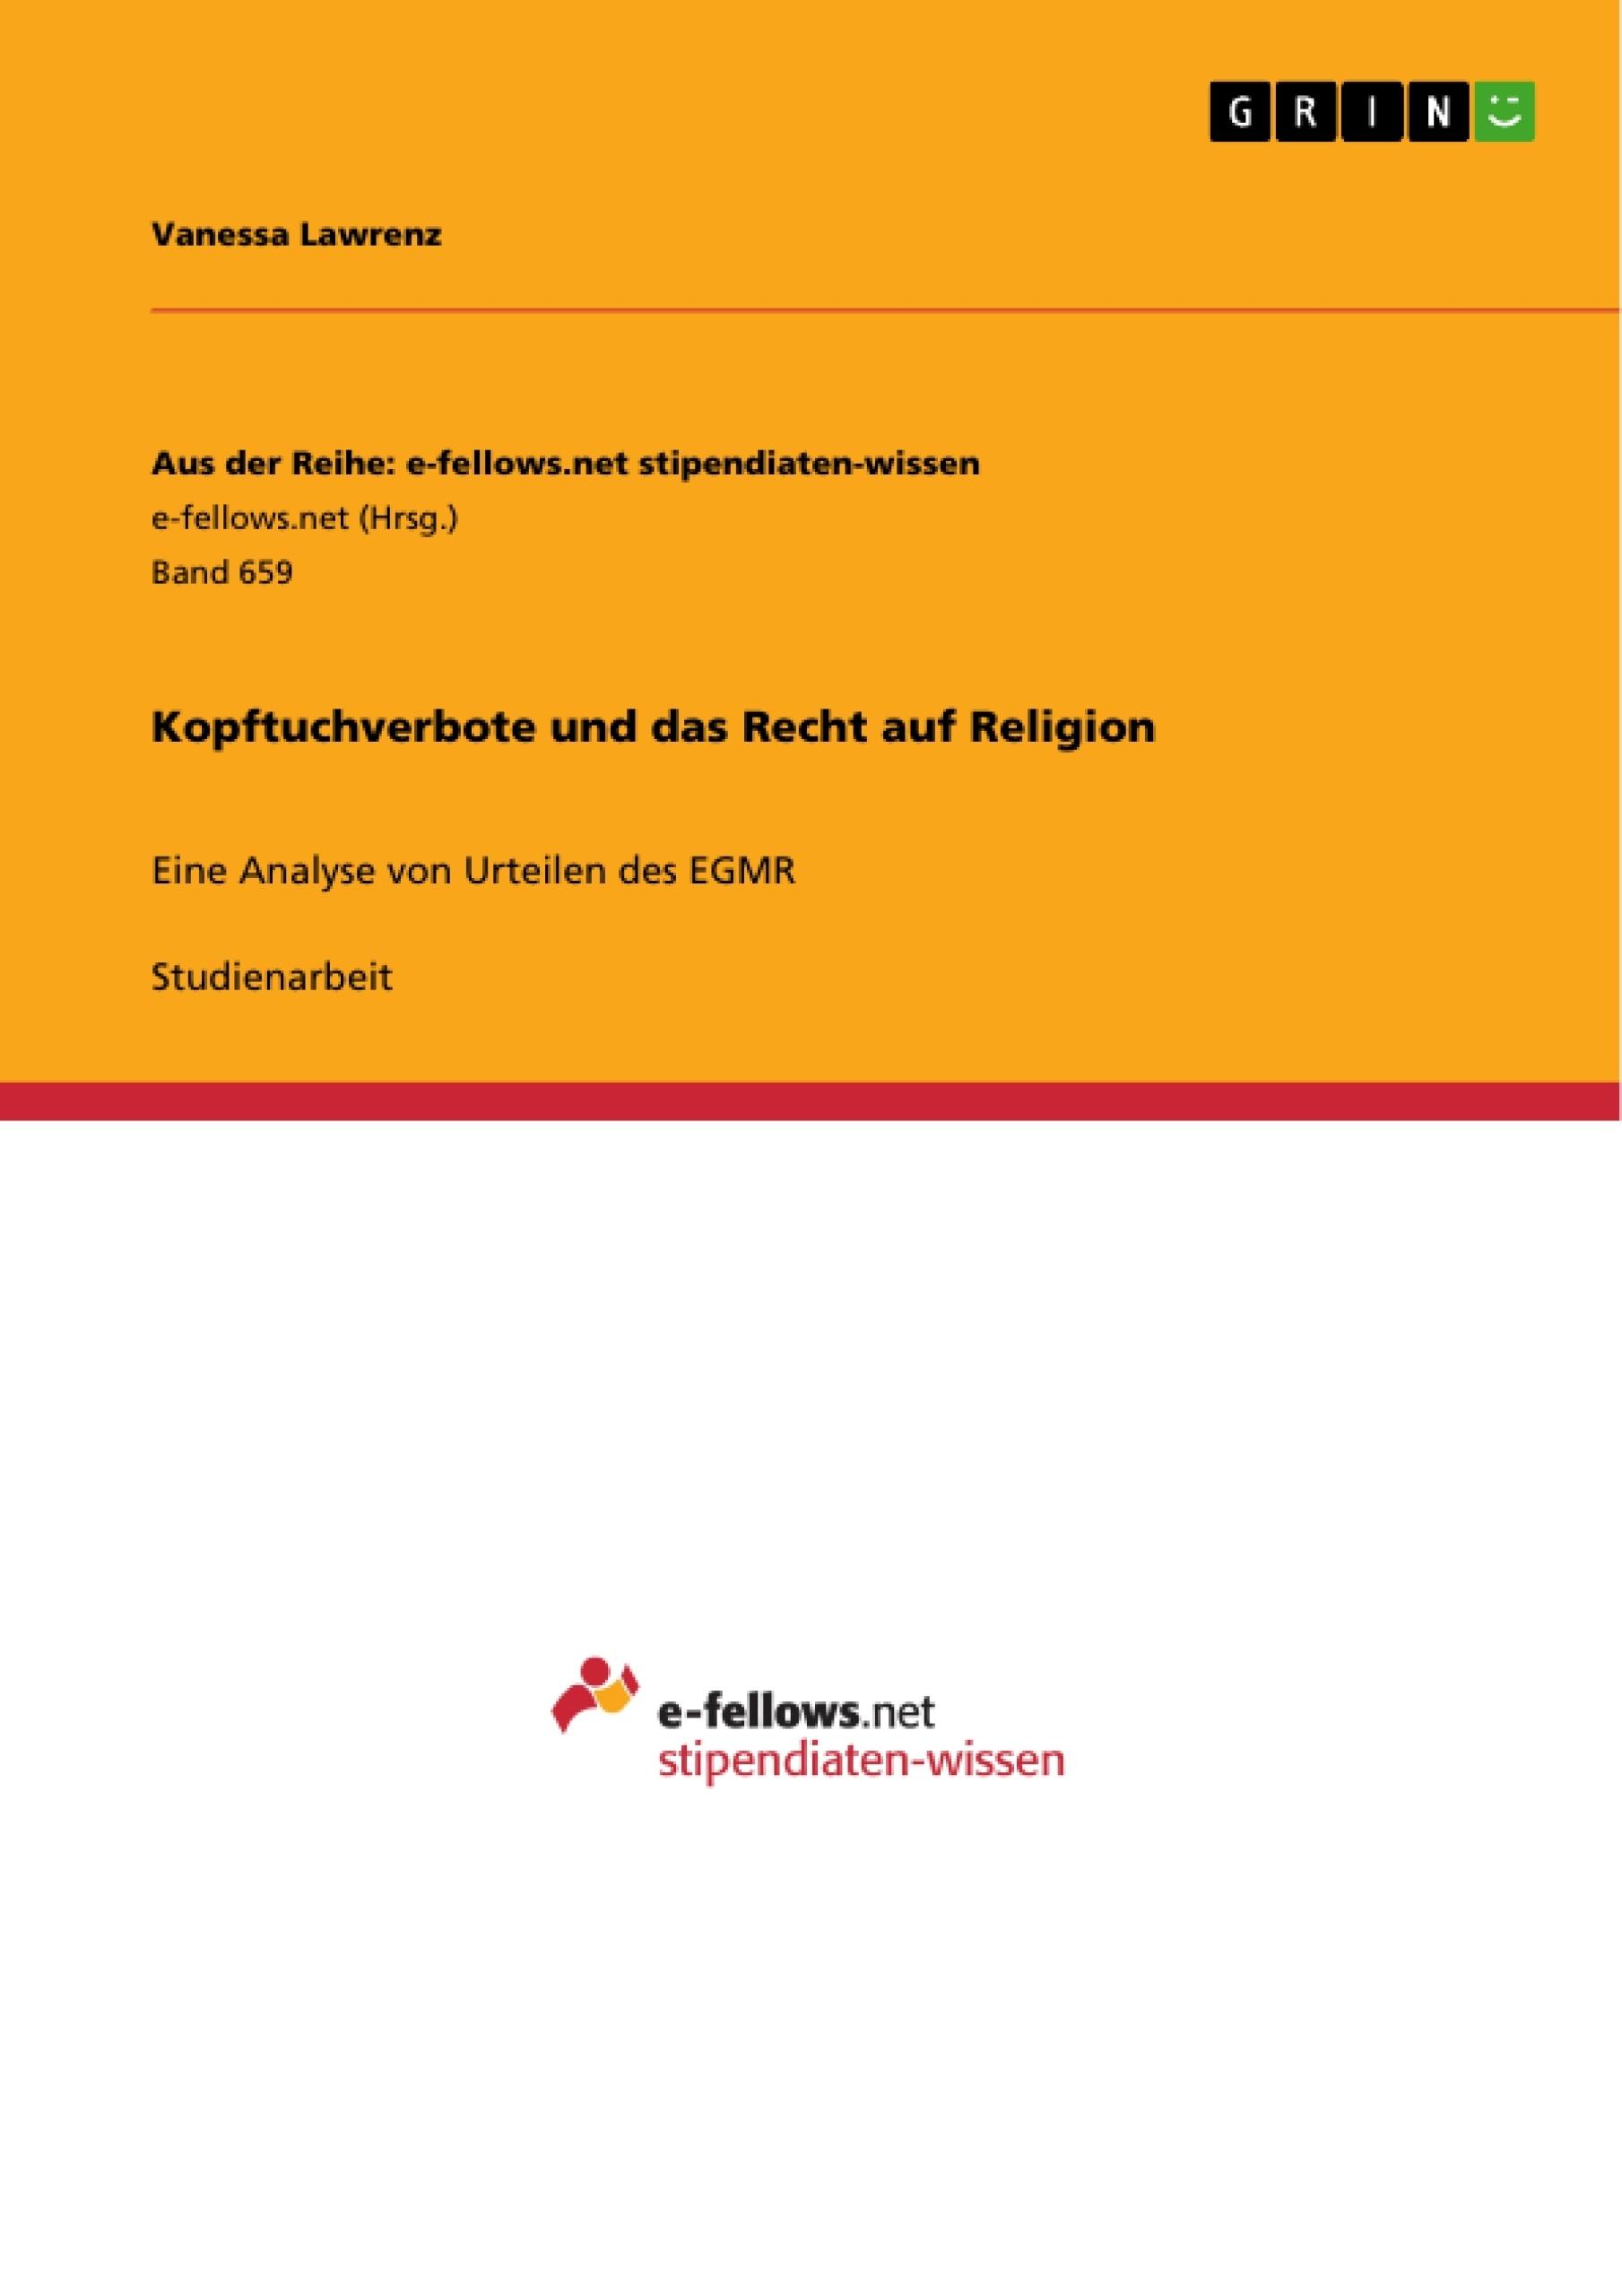 Titel: Kopftuchverbote und das Recht auf Religion